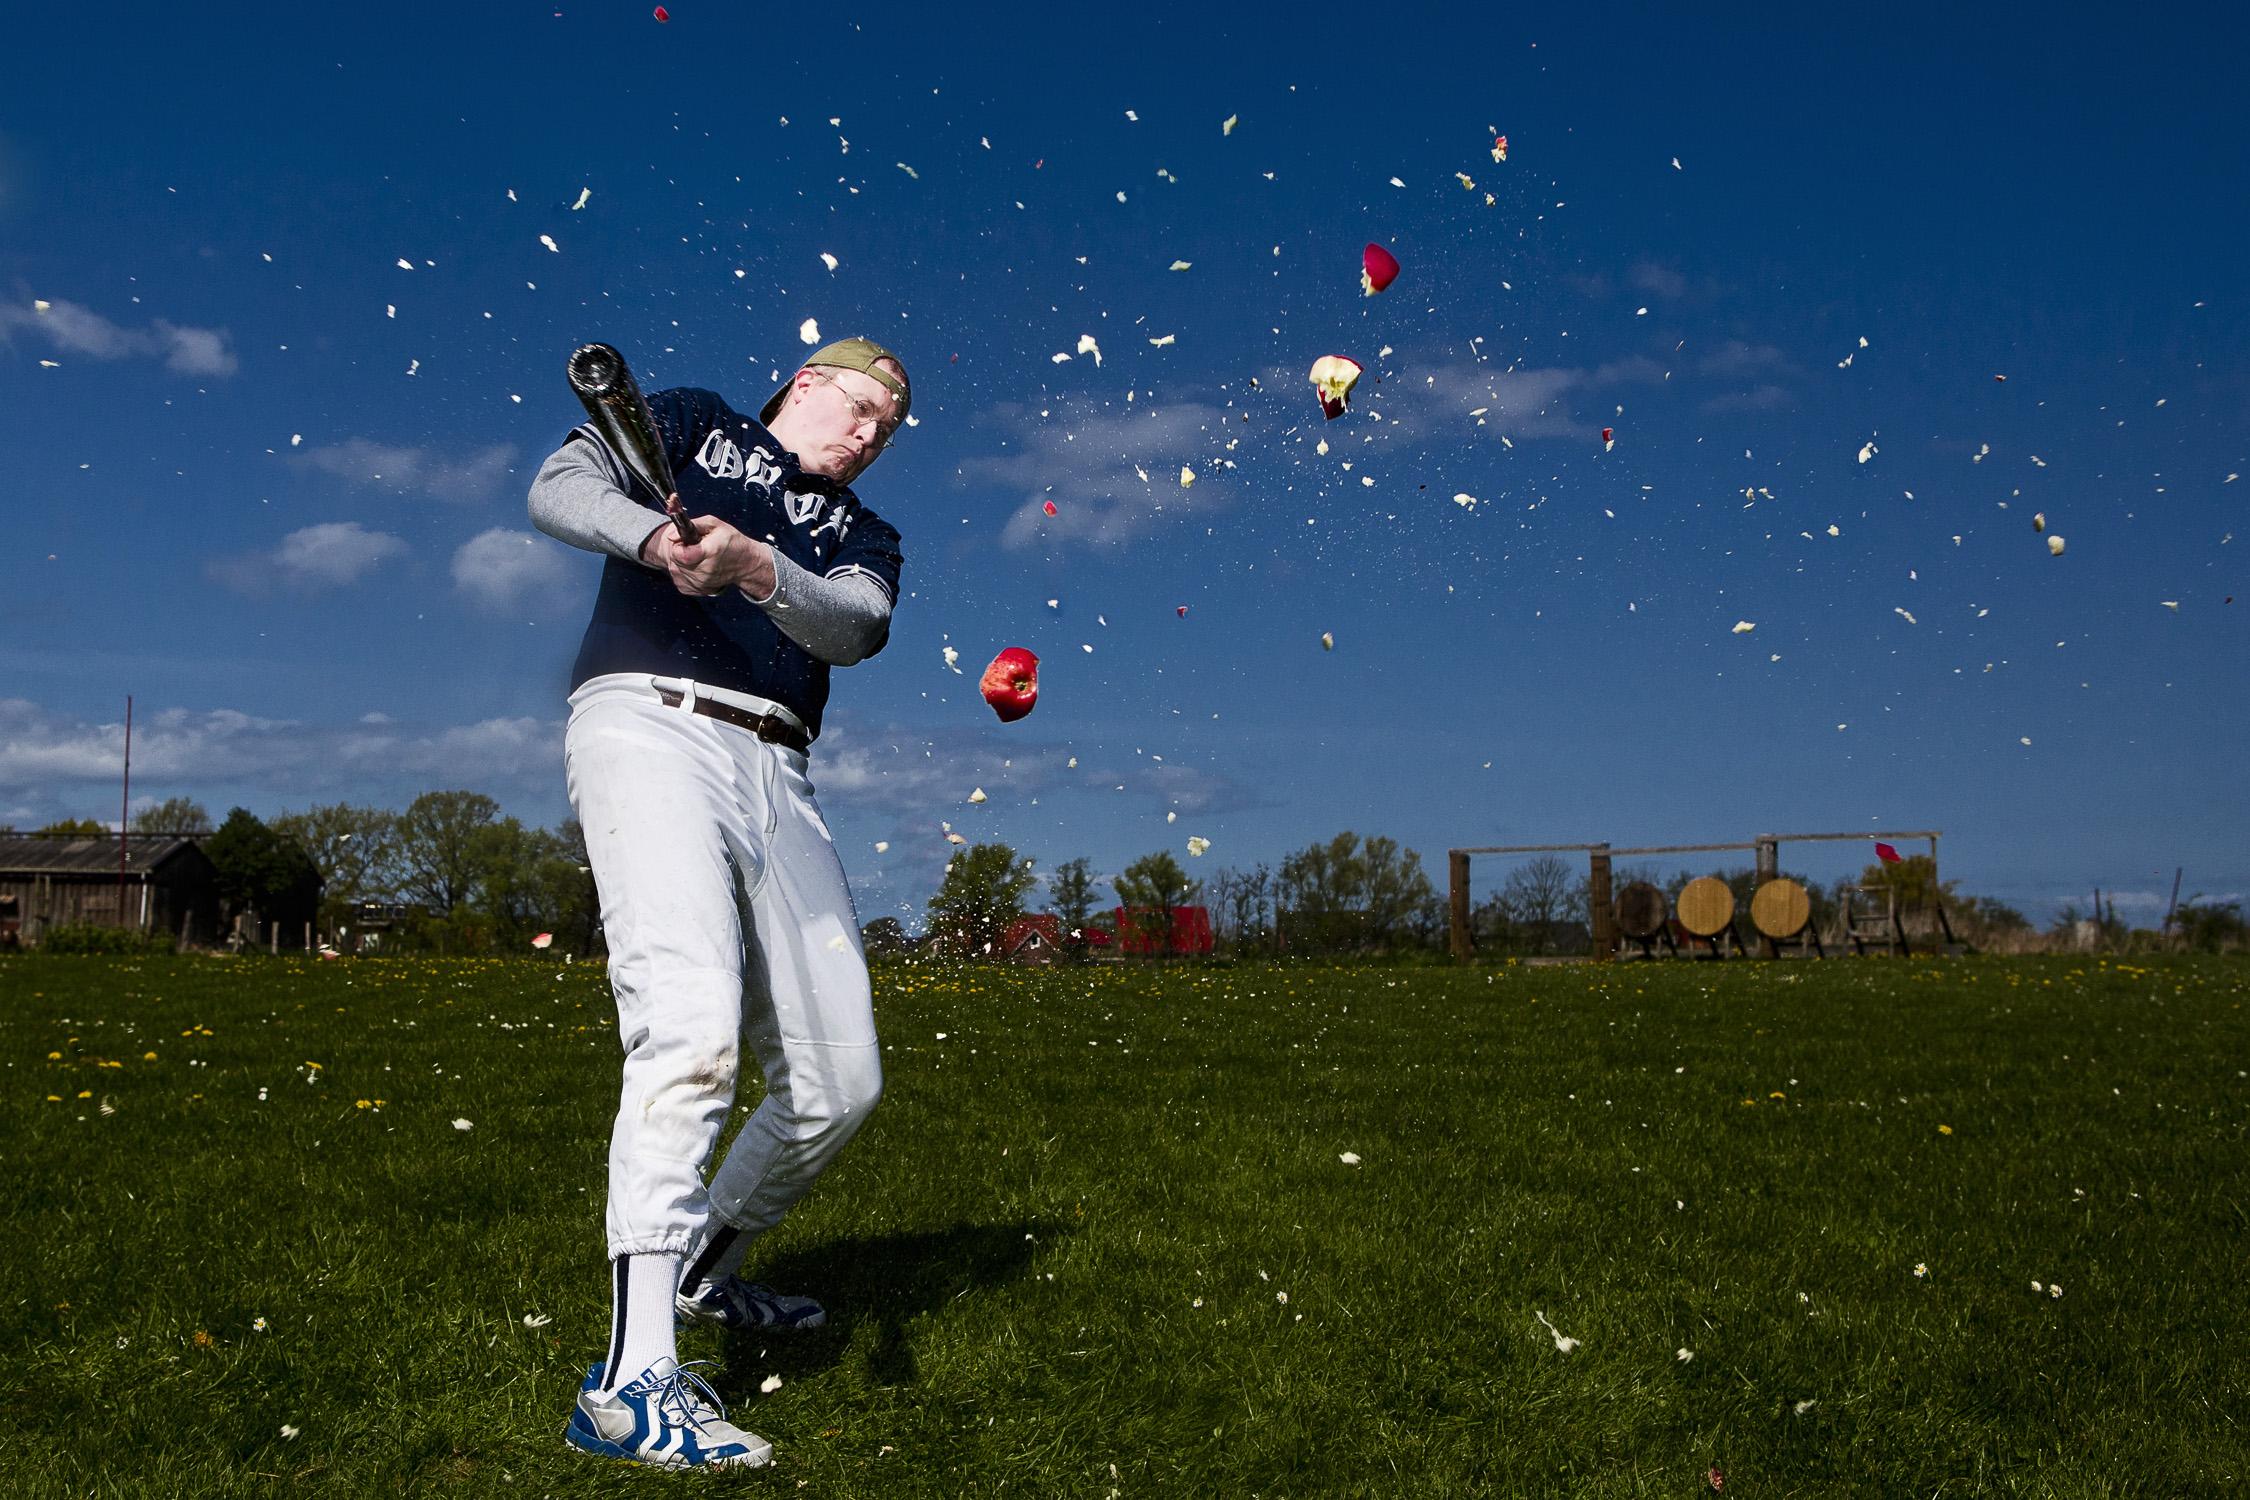 Sportrait – Baseballer